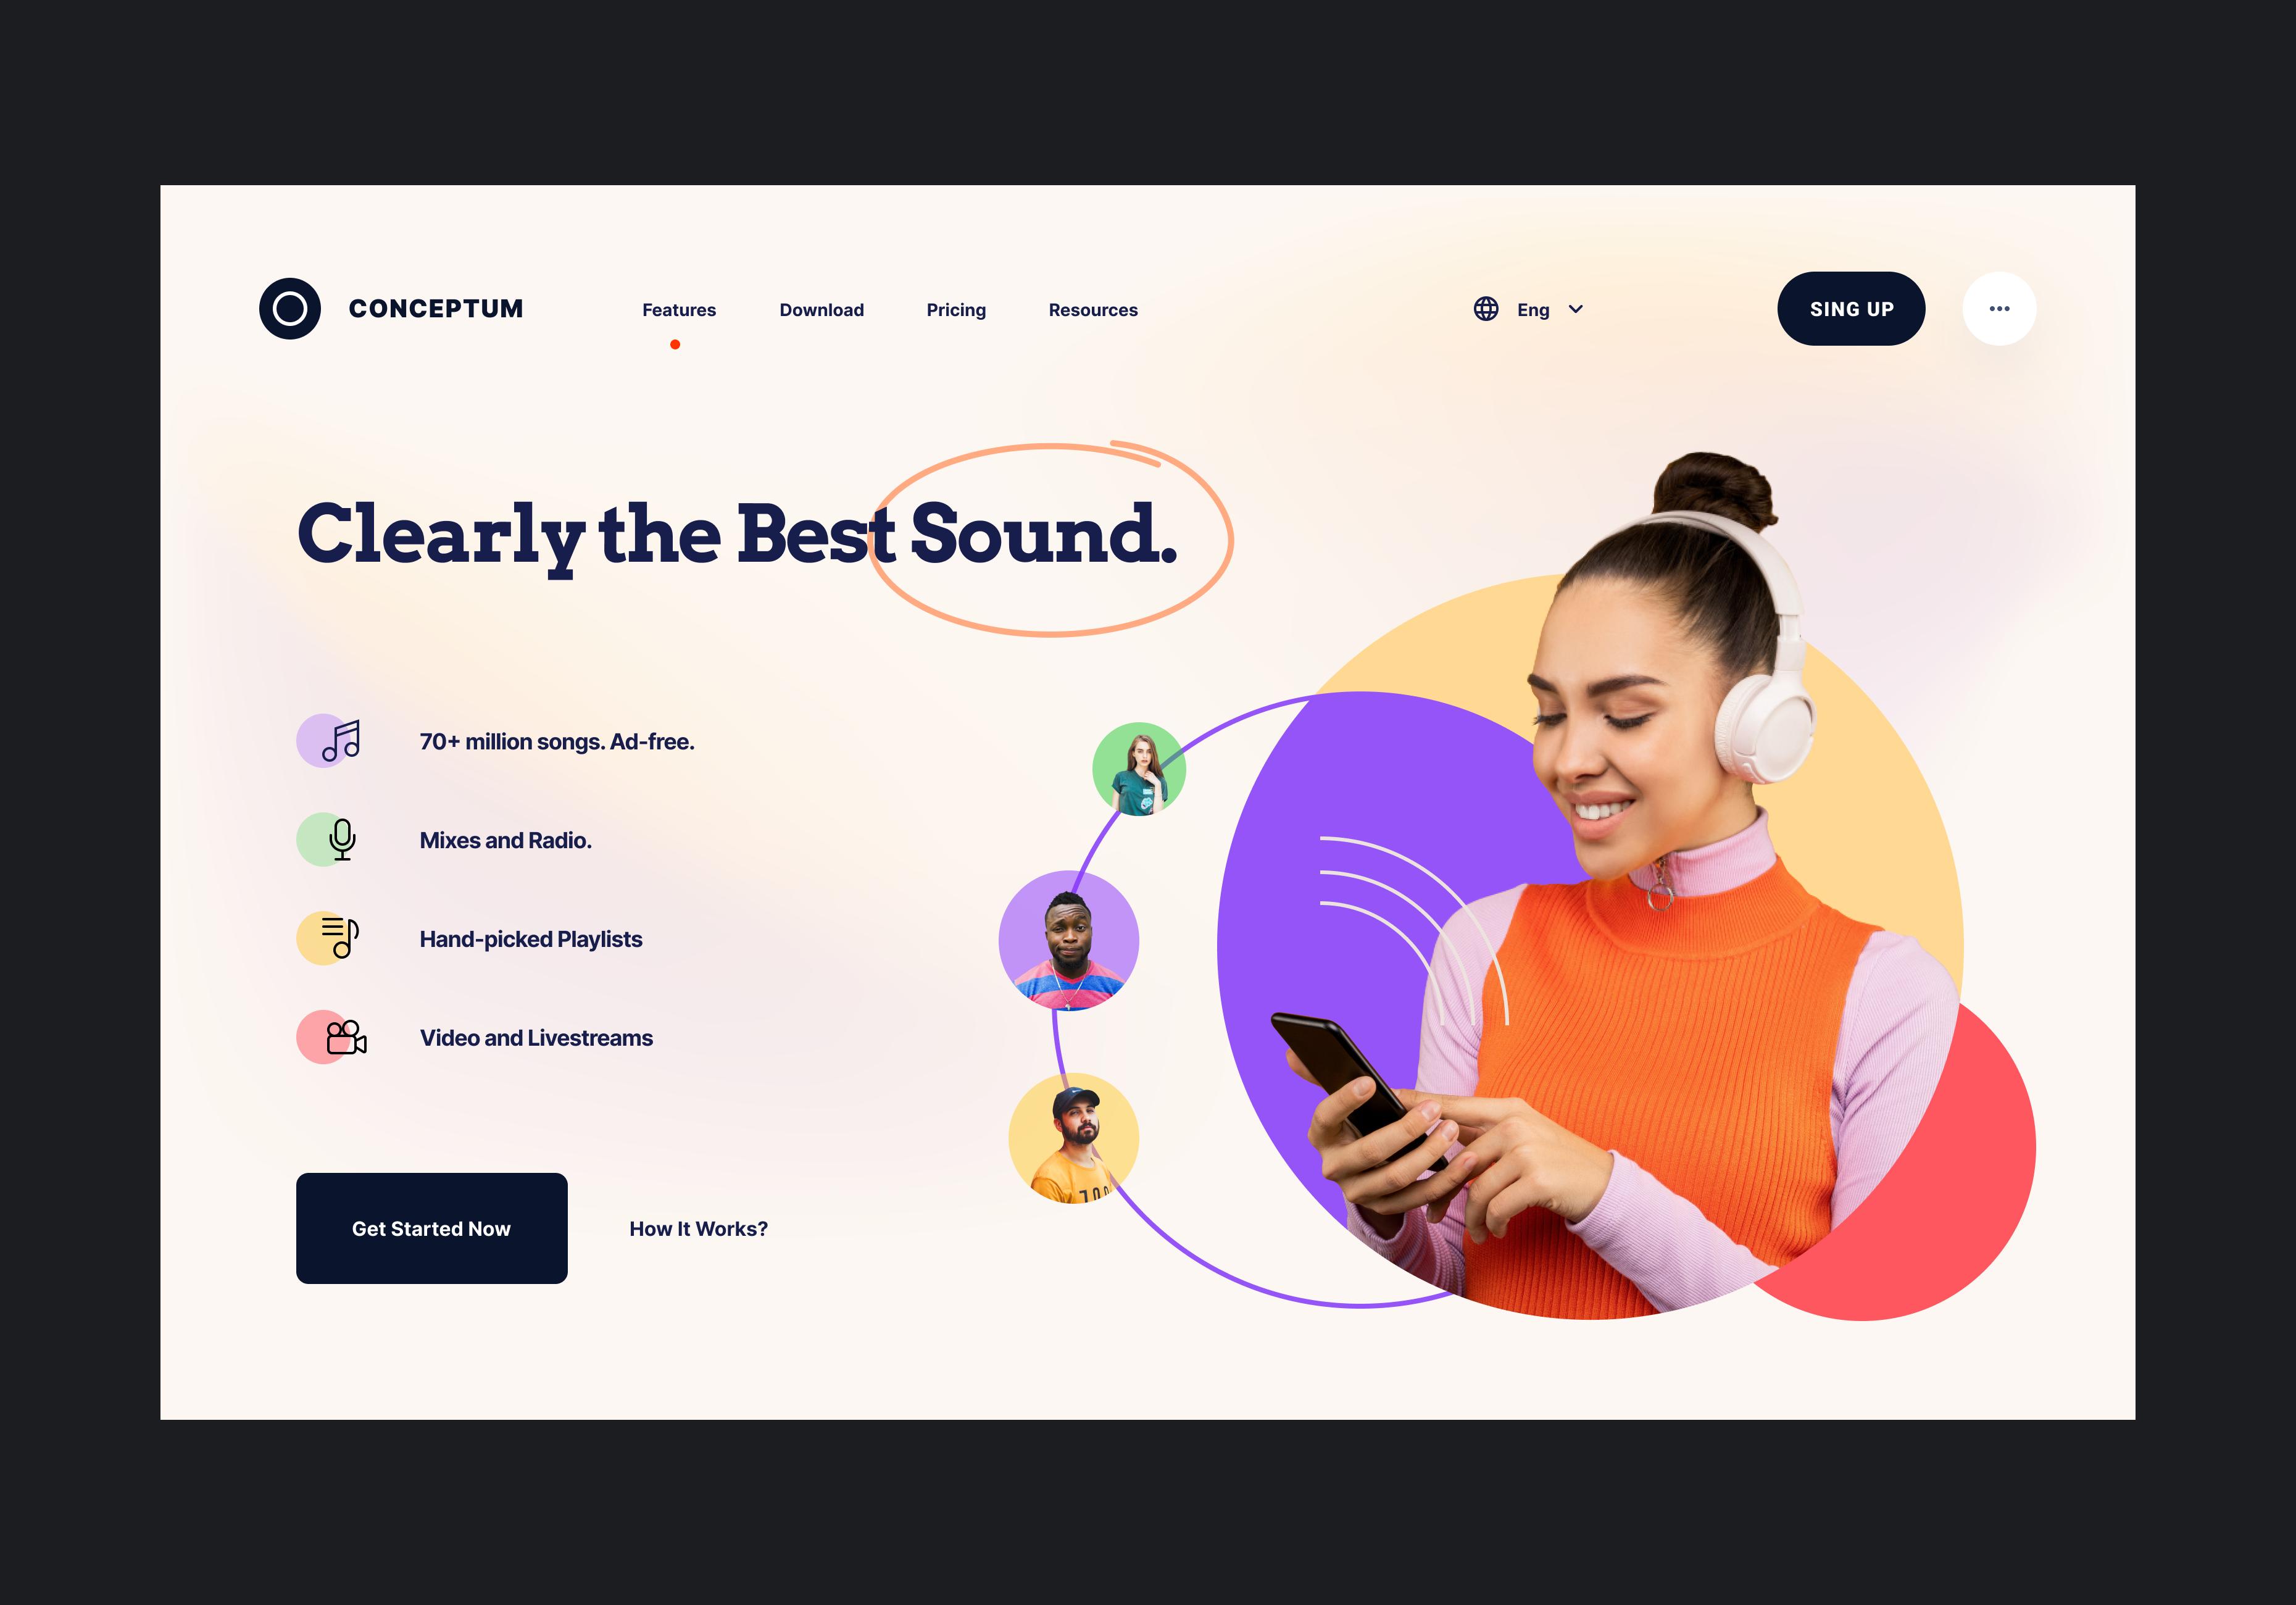 Conceptum Design Kit